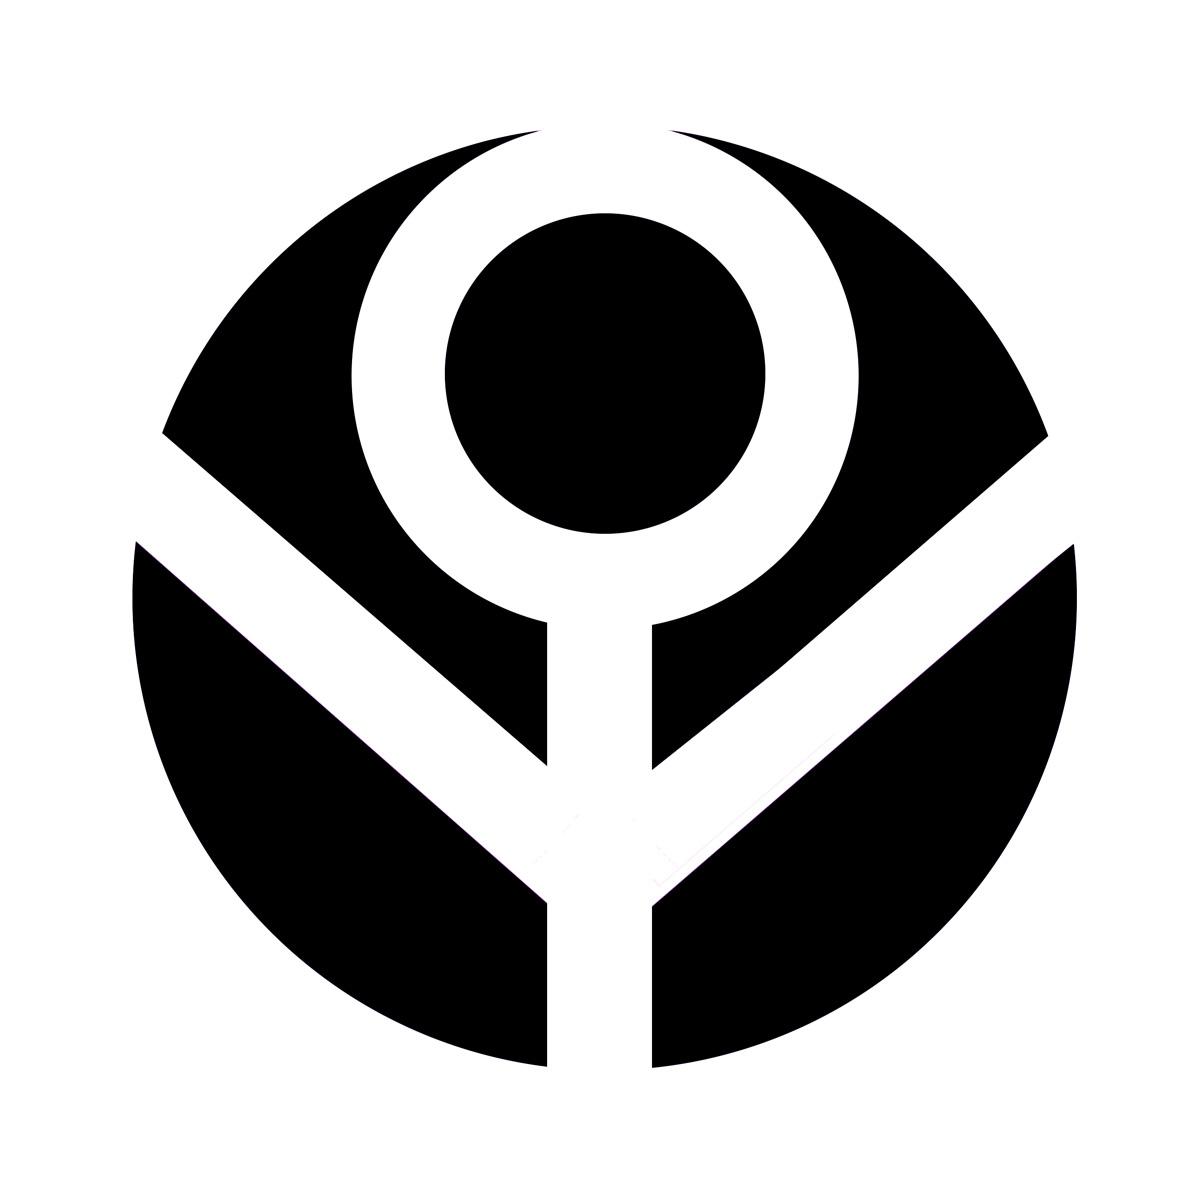 Female Power Symbol 2 B W